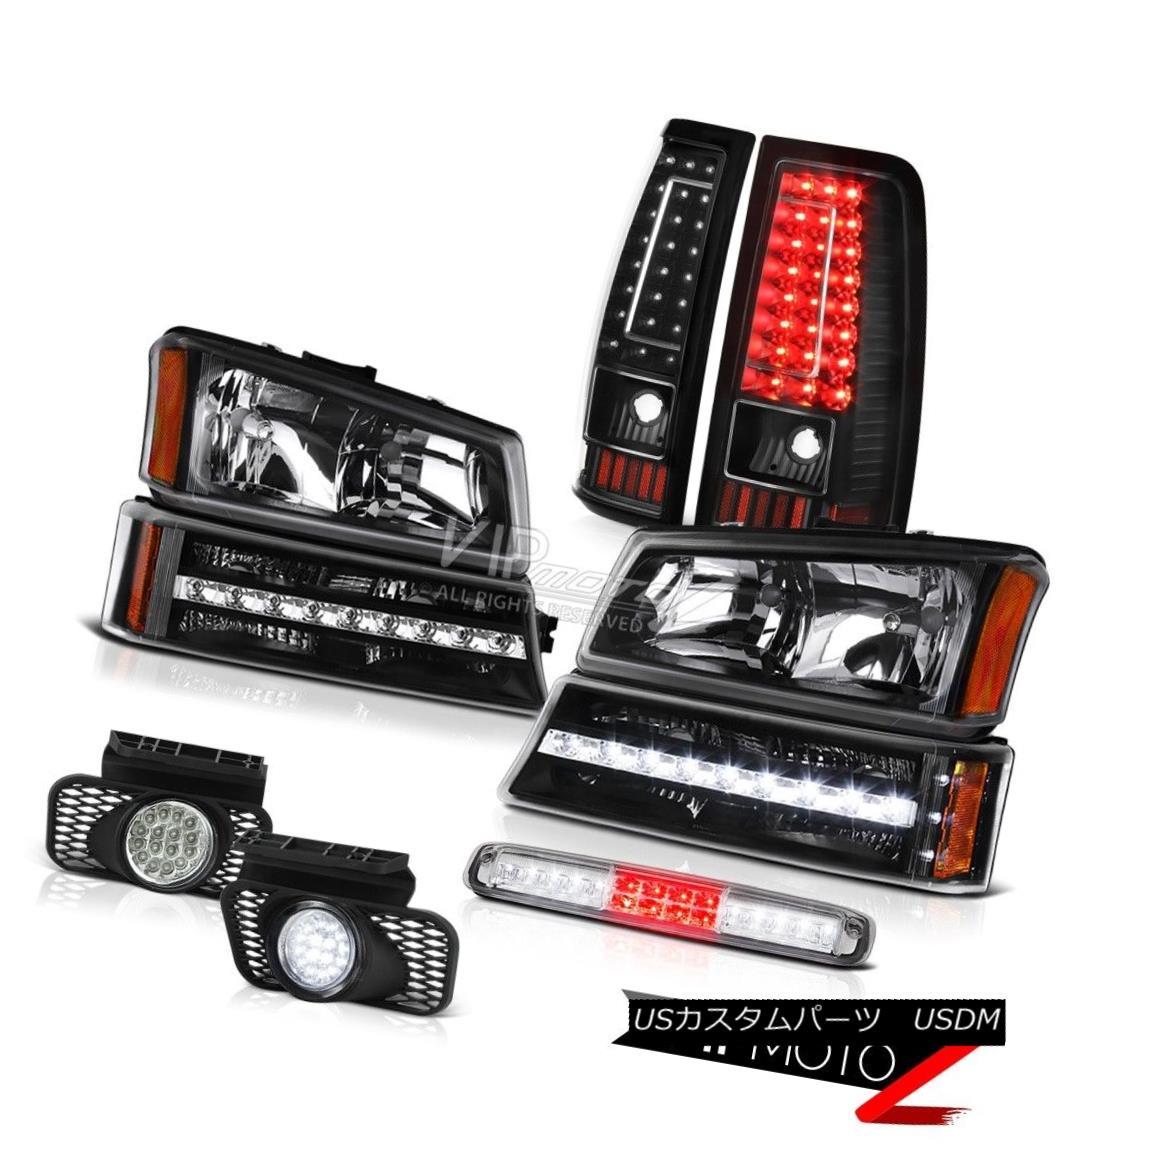 ヘッドライト 03-06 Silverado Chrome 3RD Brake Light Fog Lights Tail Bumper Headlamps LED SMD 03-06 Silverado Chrome 3RDブレーキライトフォグライトテールバンパーヘッドランプLED SMD